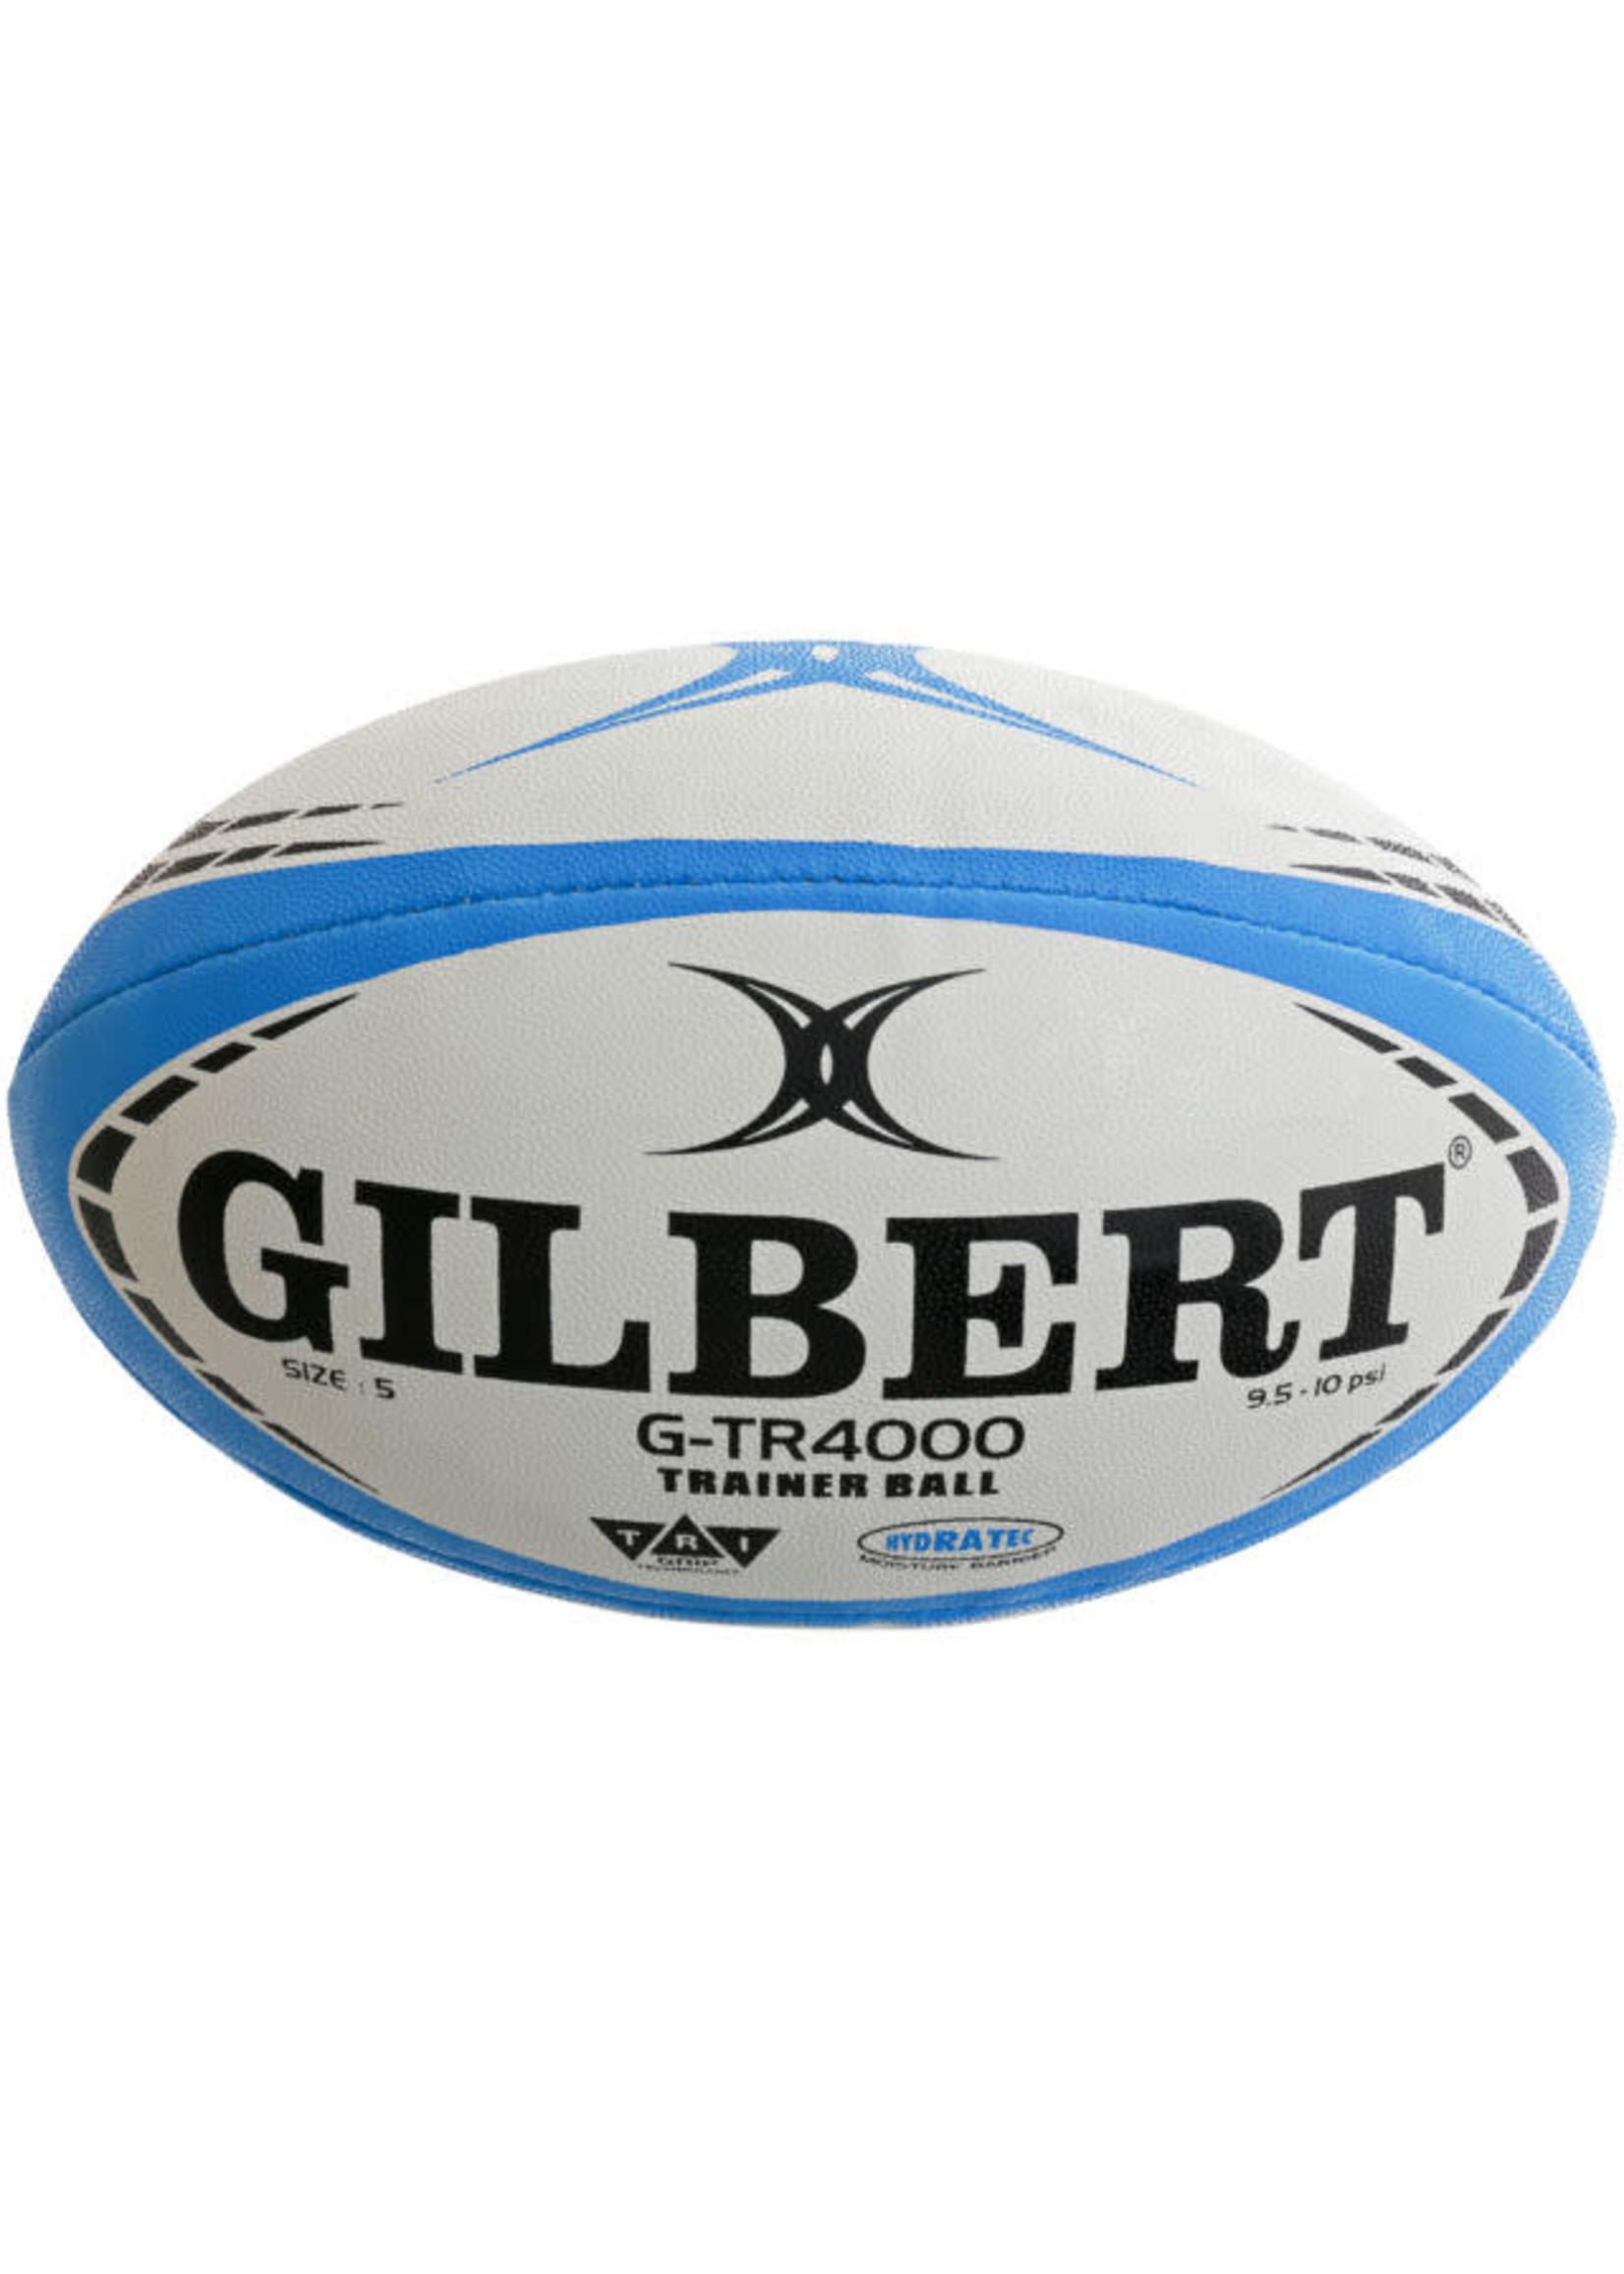 Gilbert Gilbert G-TR4000 Rugby Ball - Blue/White